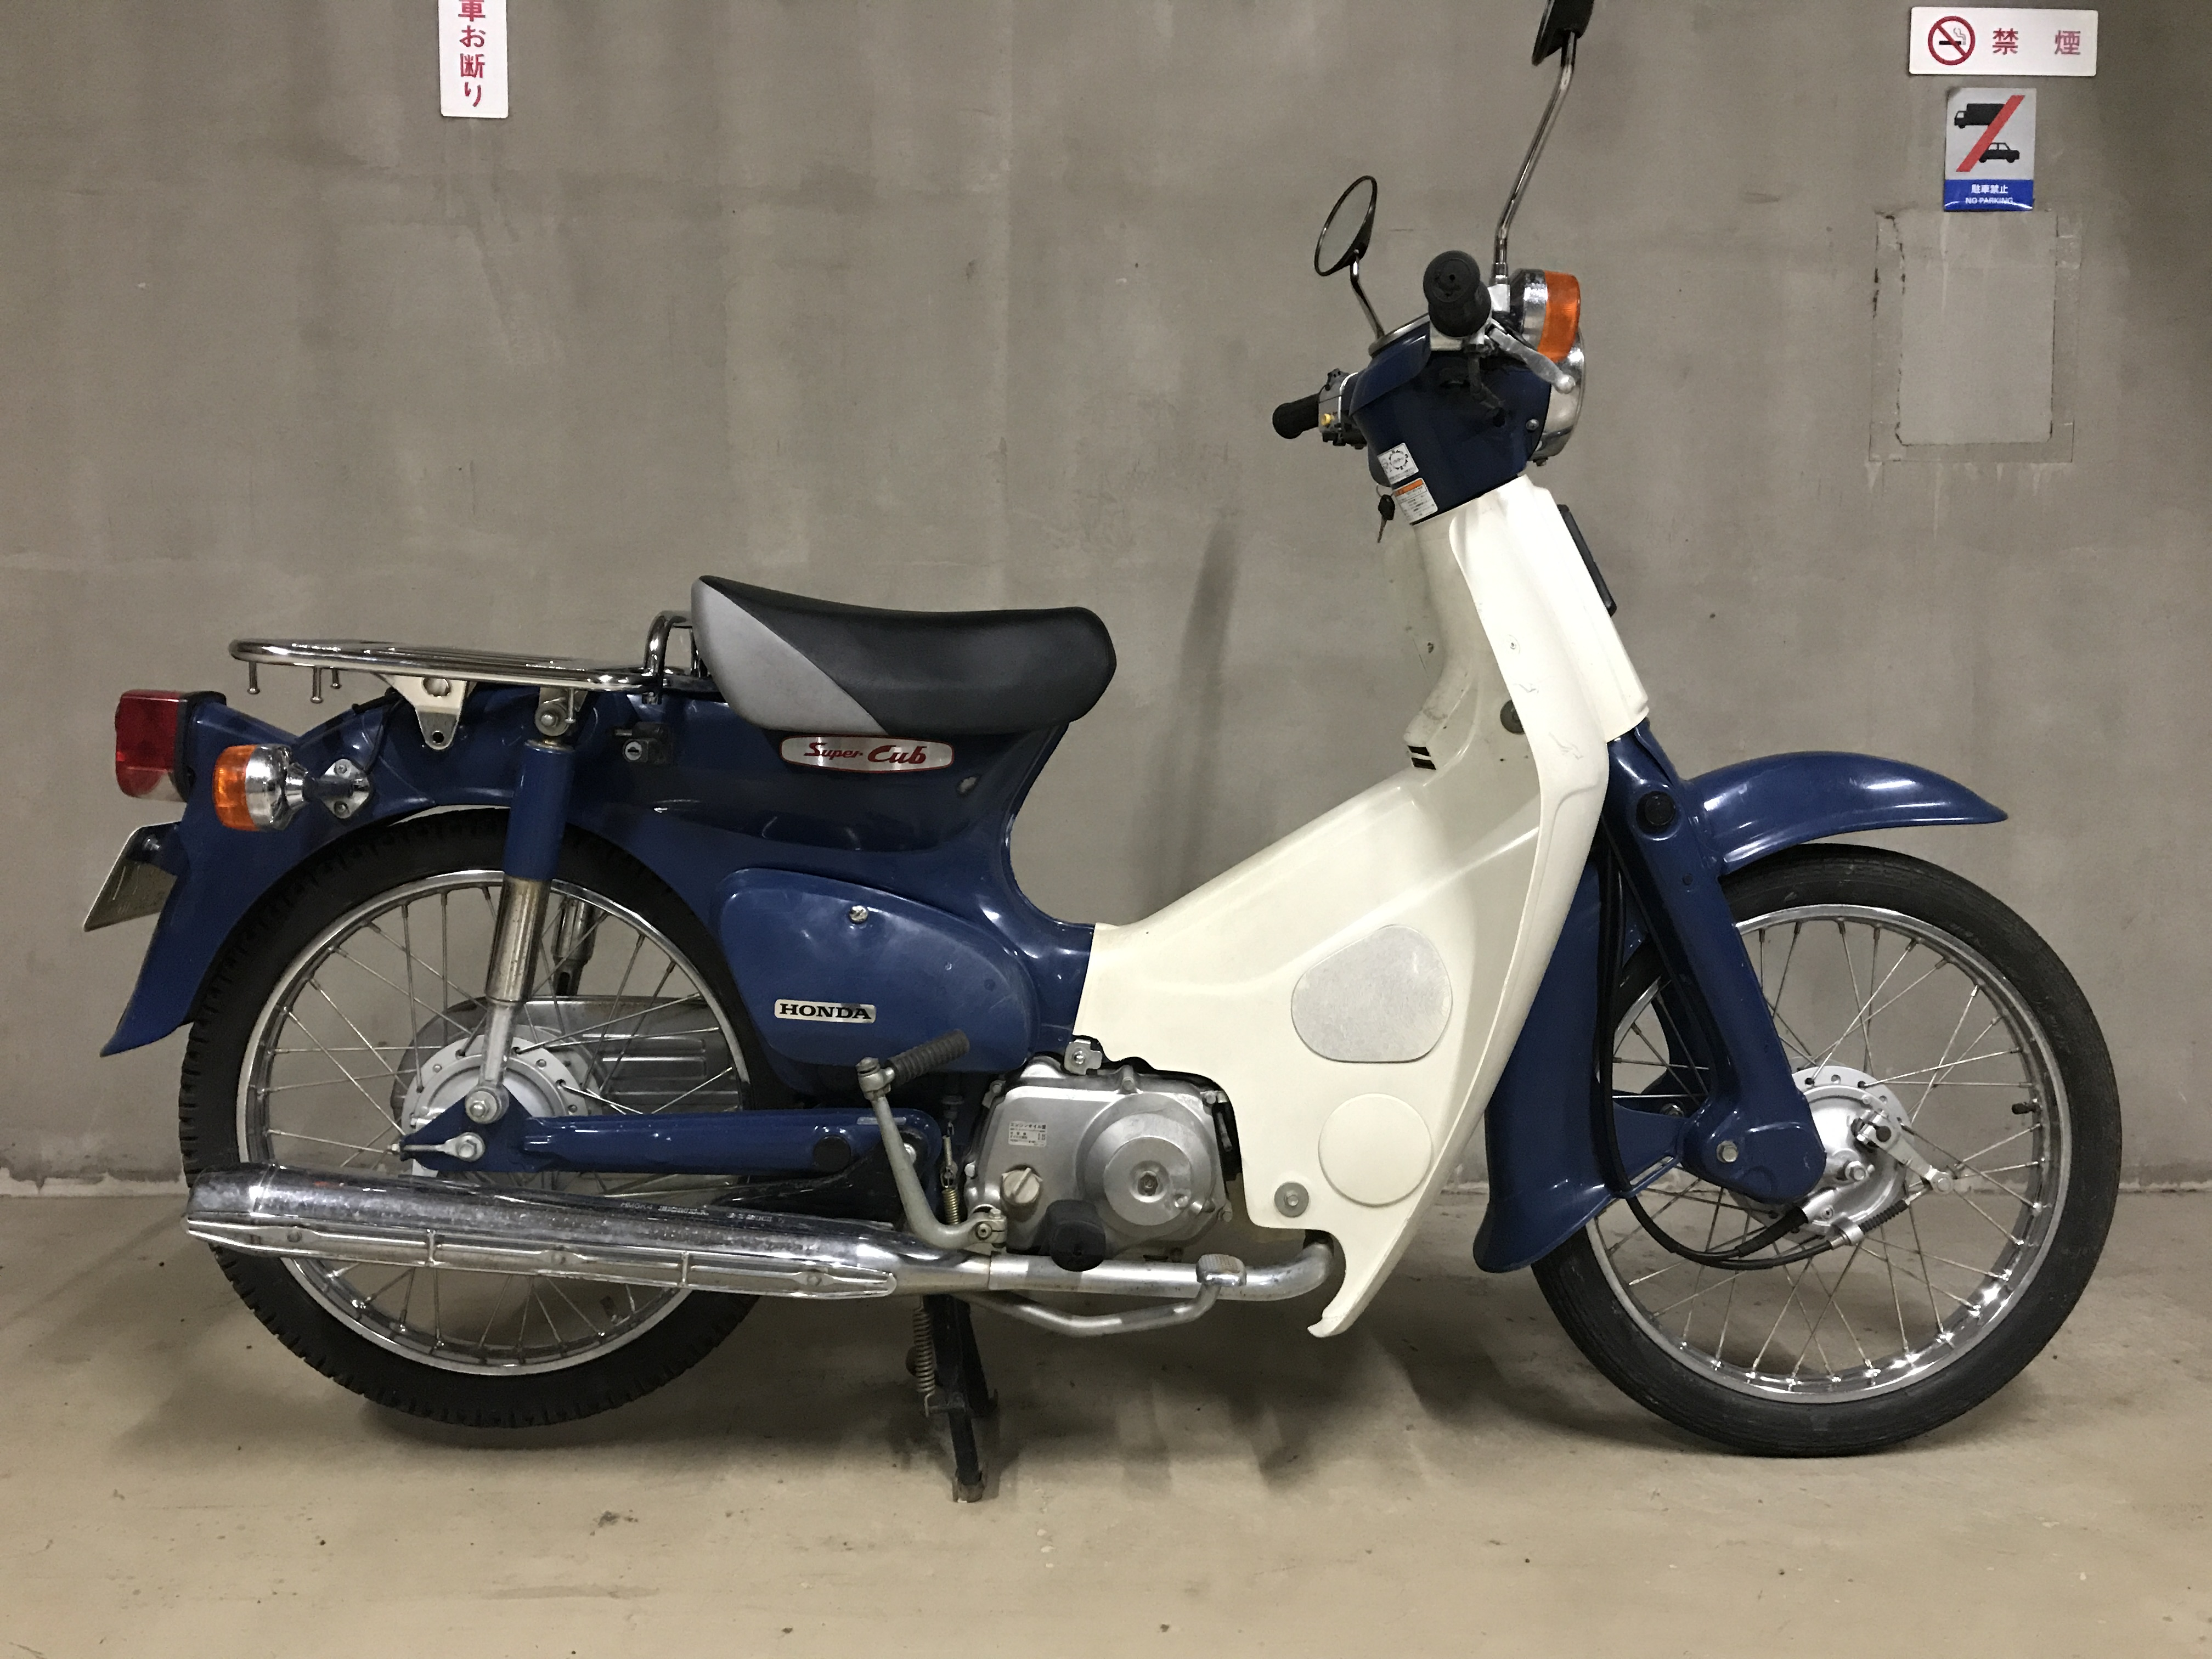 スーパーカブ (HN-00) - 【公式】レンタルバイクのベストBike® 川崎駅前